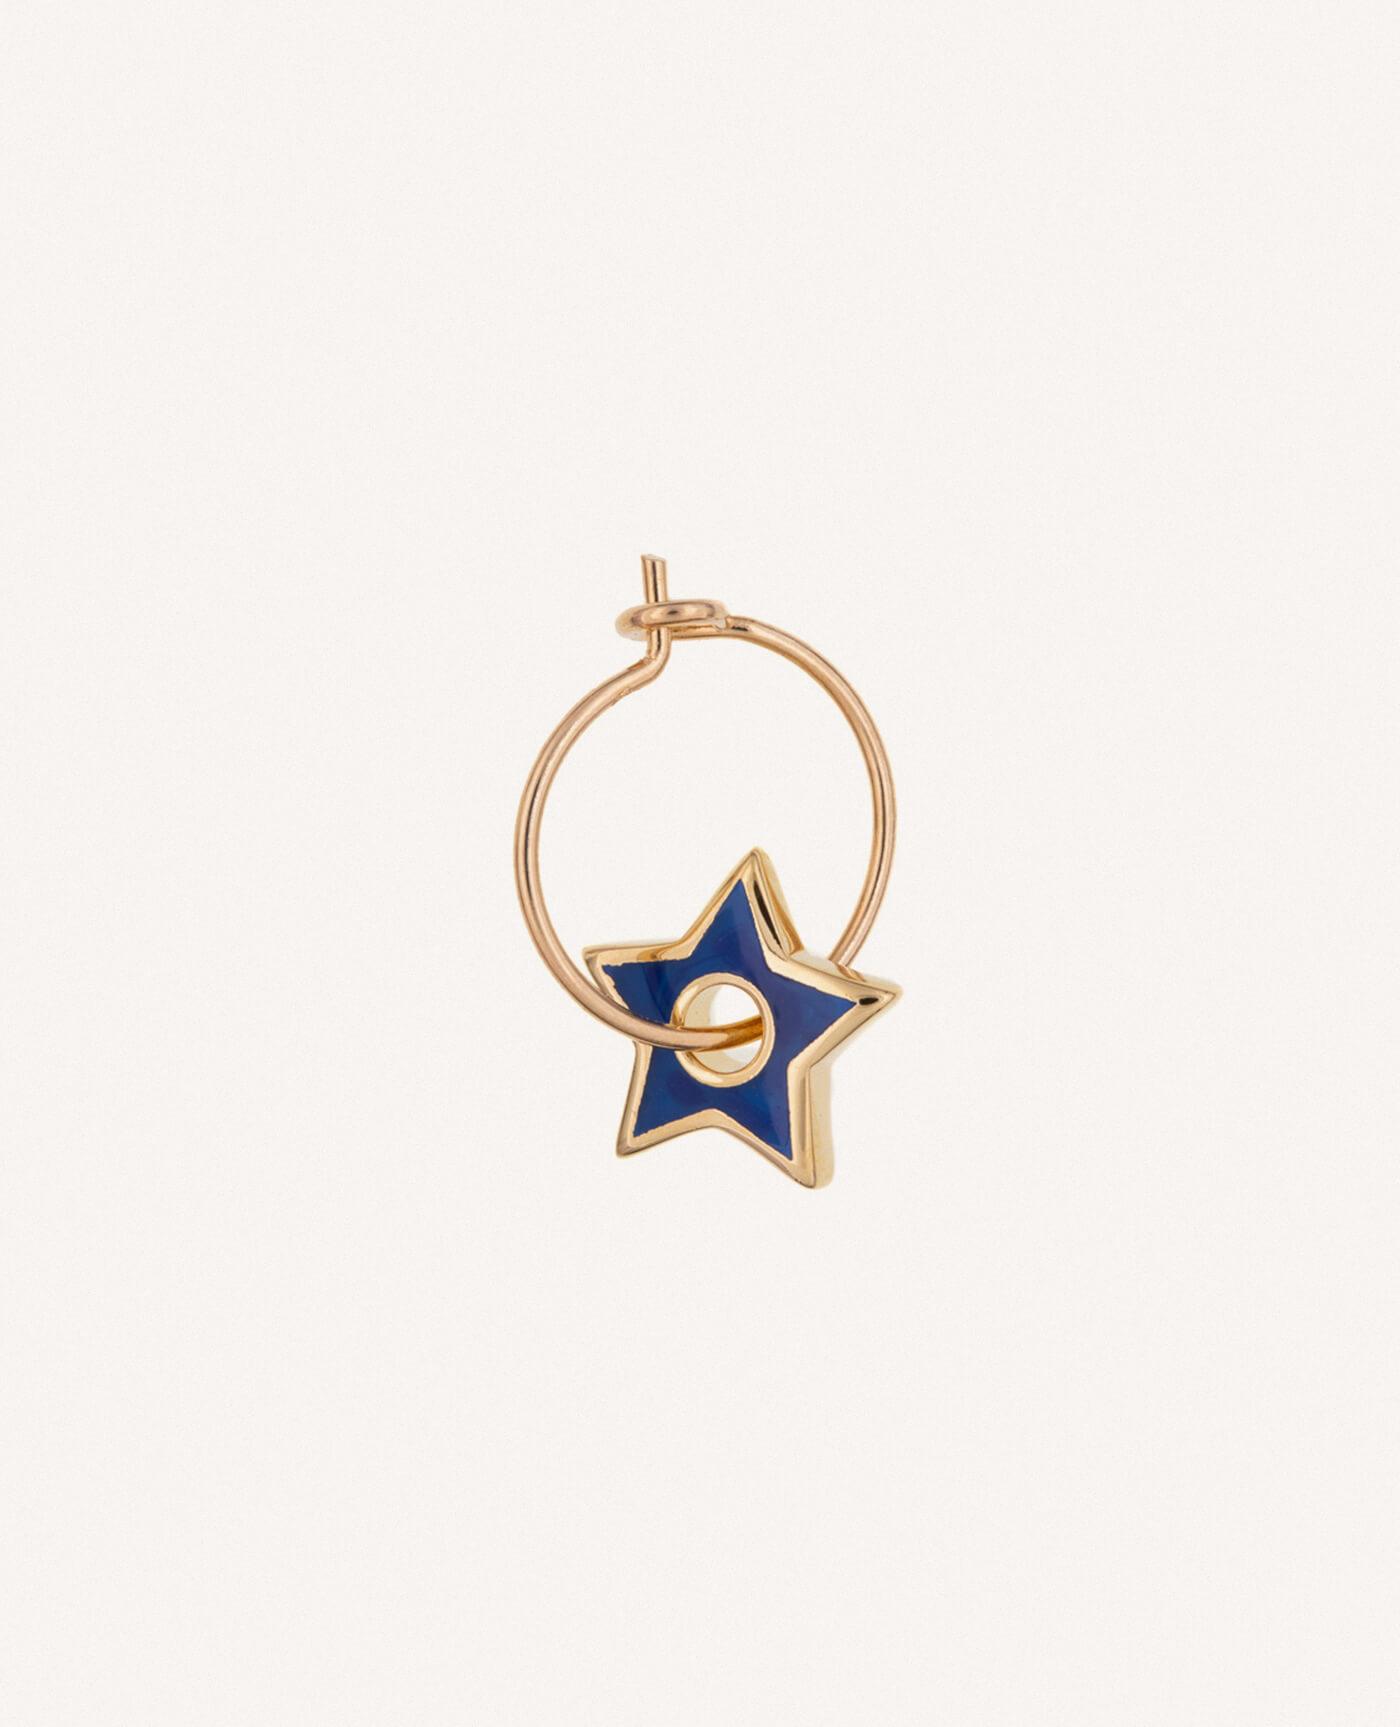 boucle d'oreille créole charm étoile bleue eva